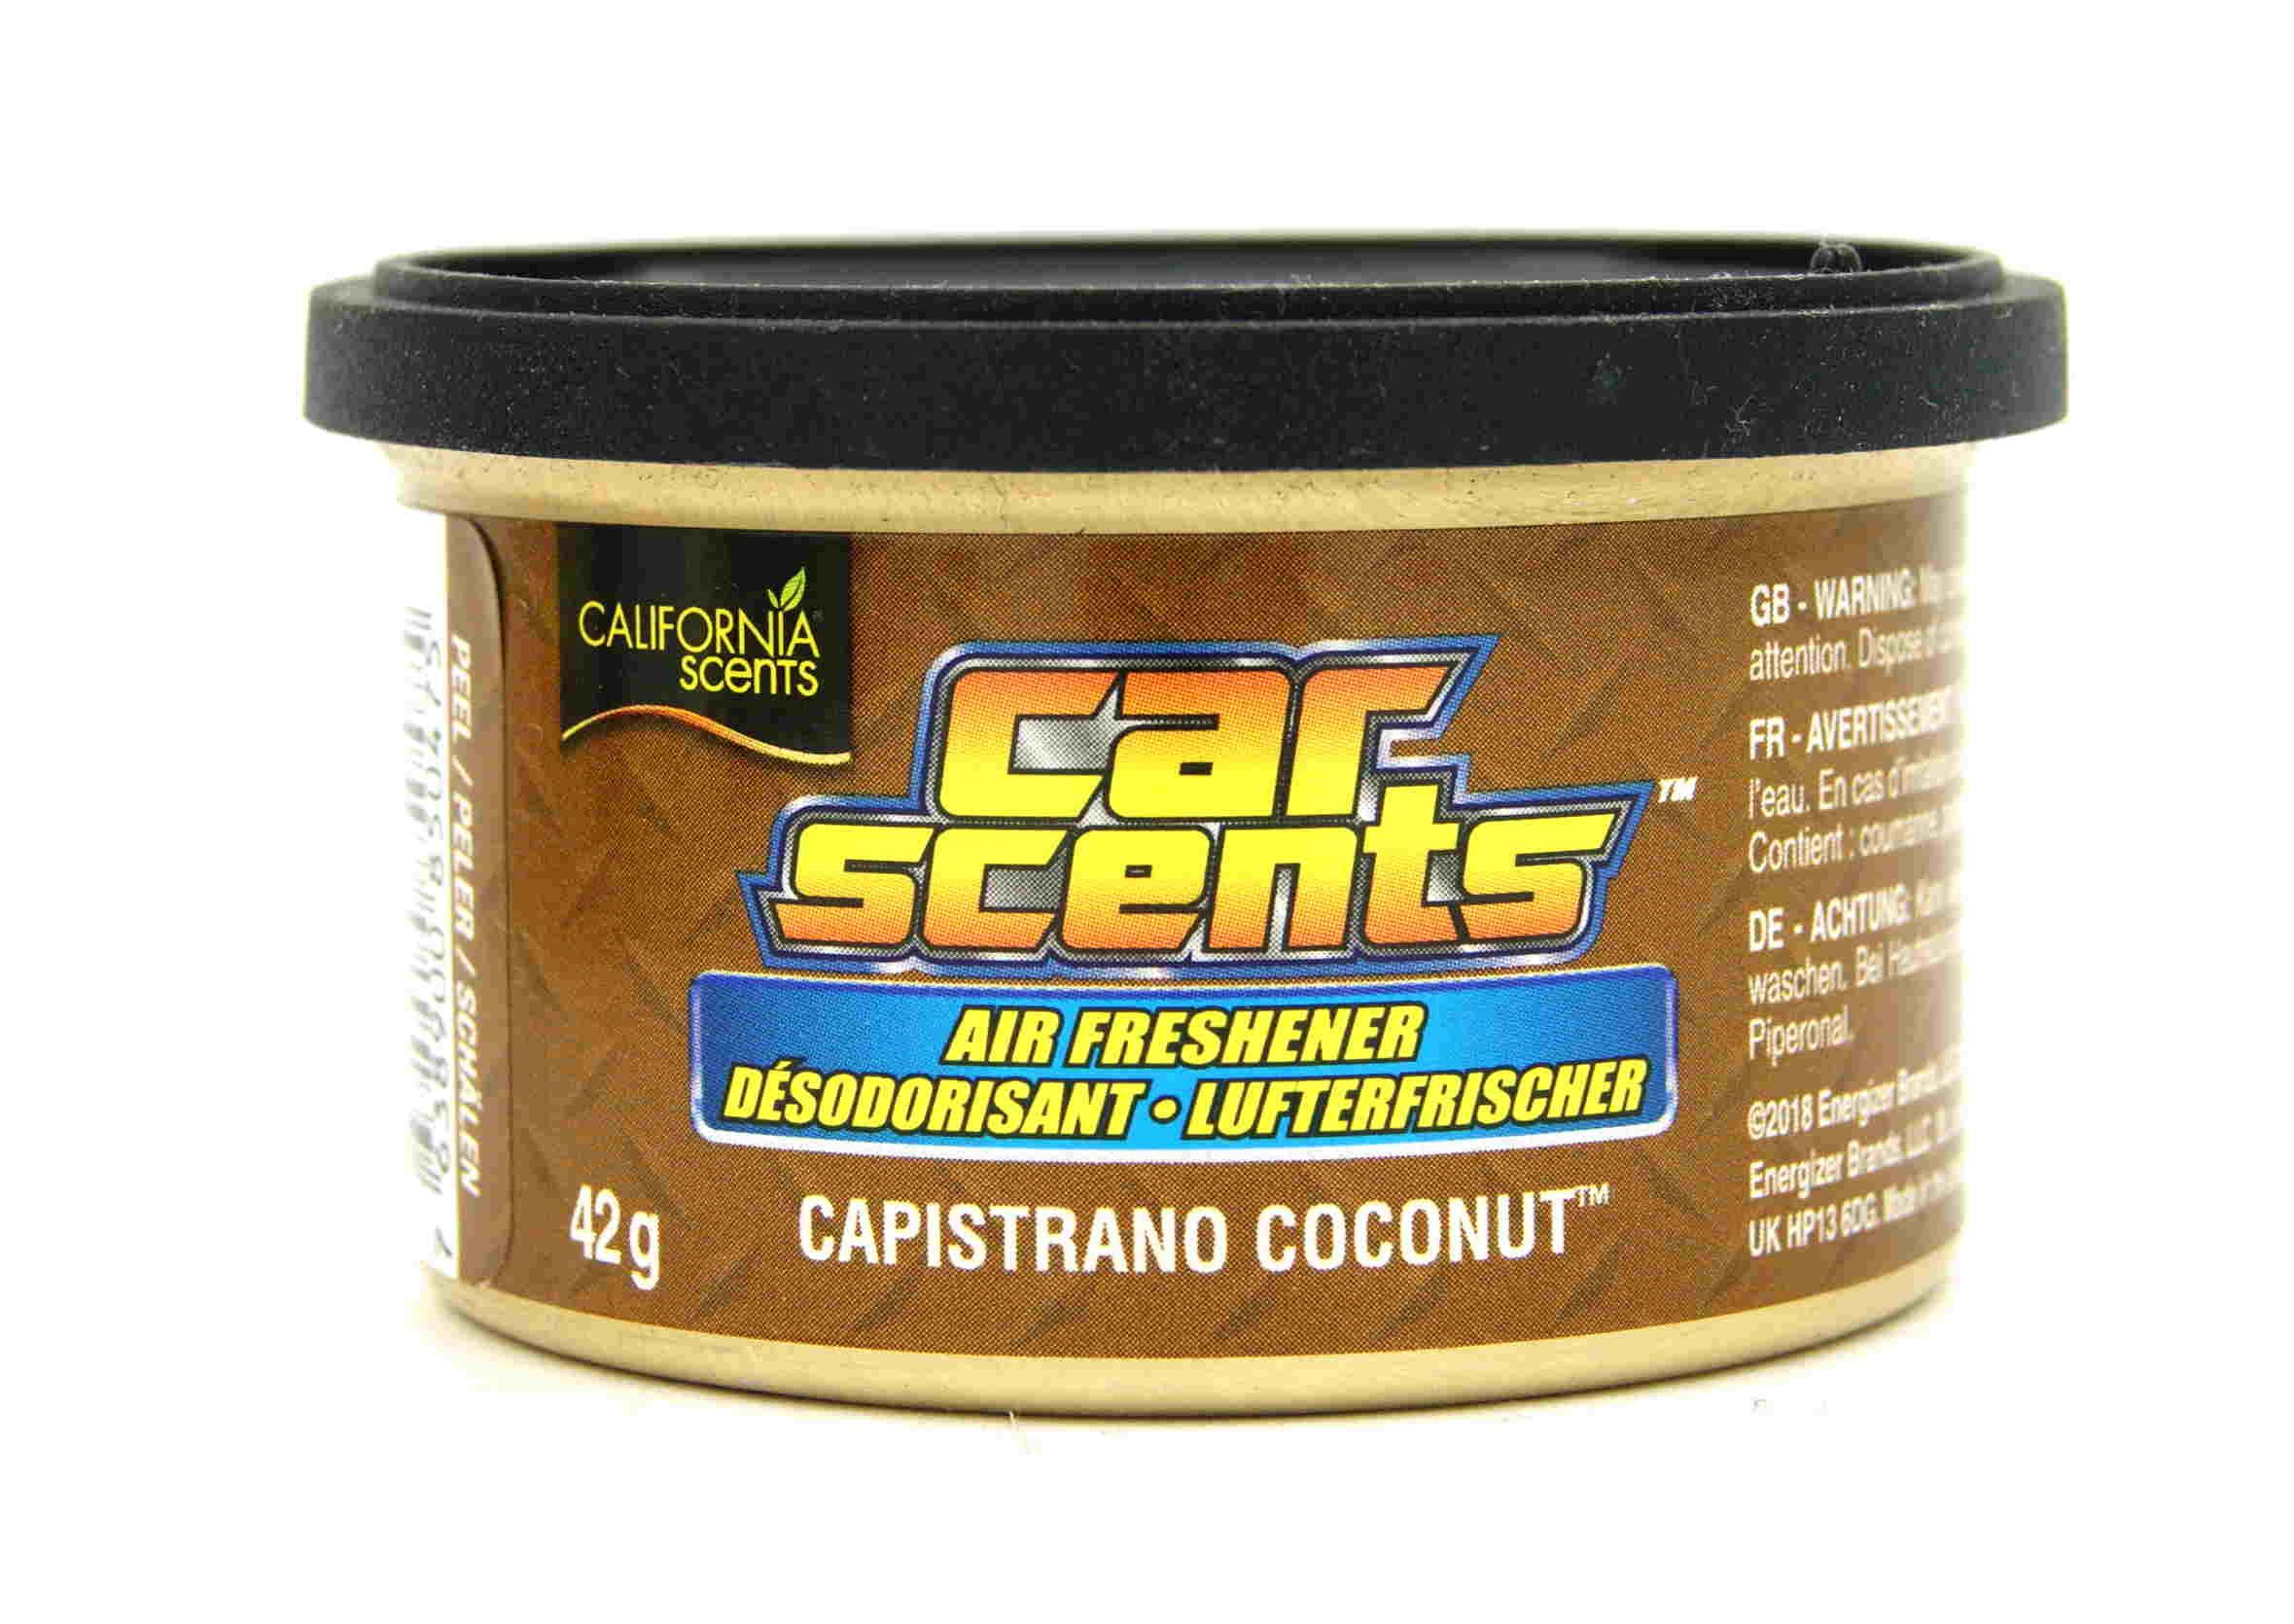 California Scents Capistrano Coconut 42g Zapach Samochodowy Puszka